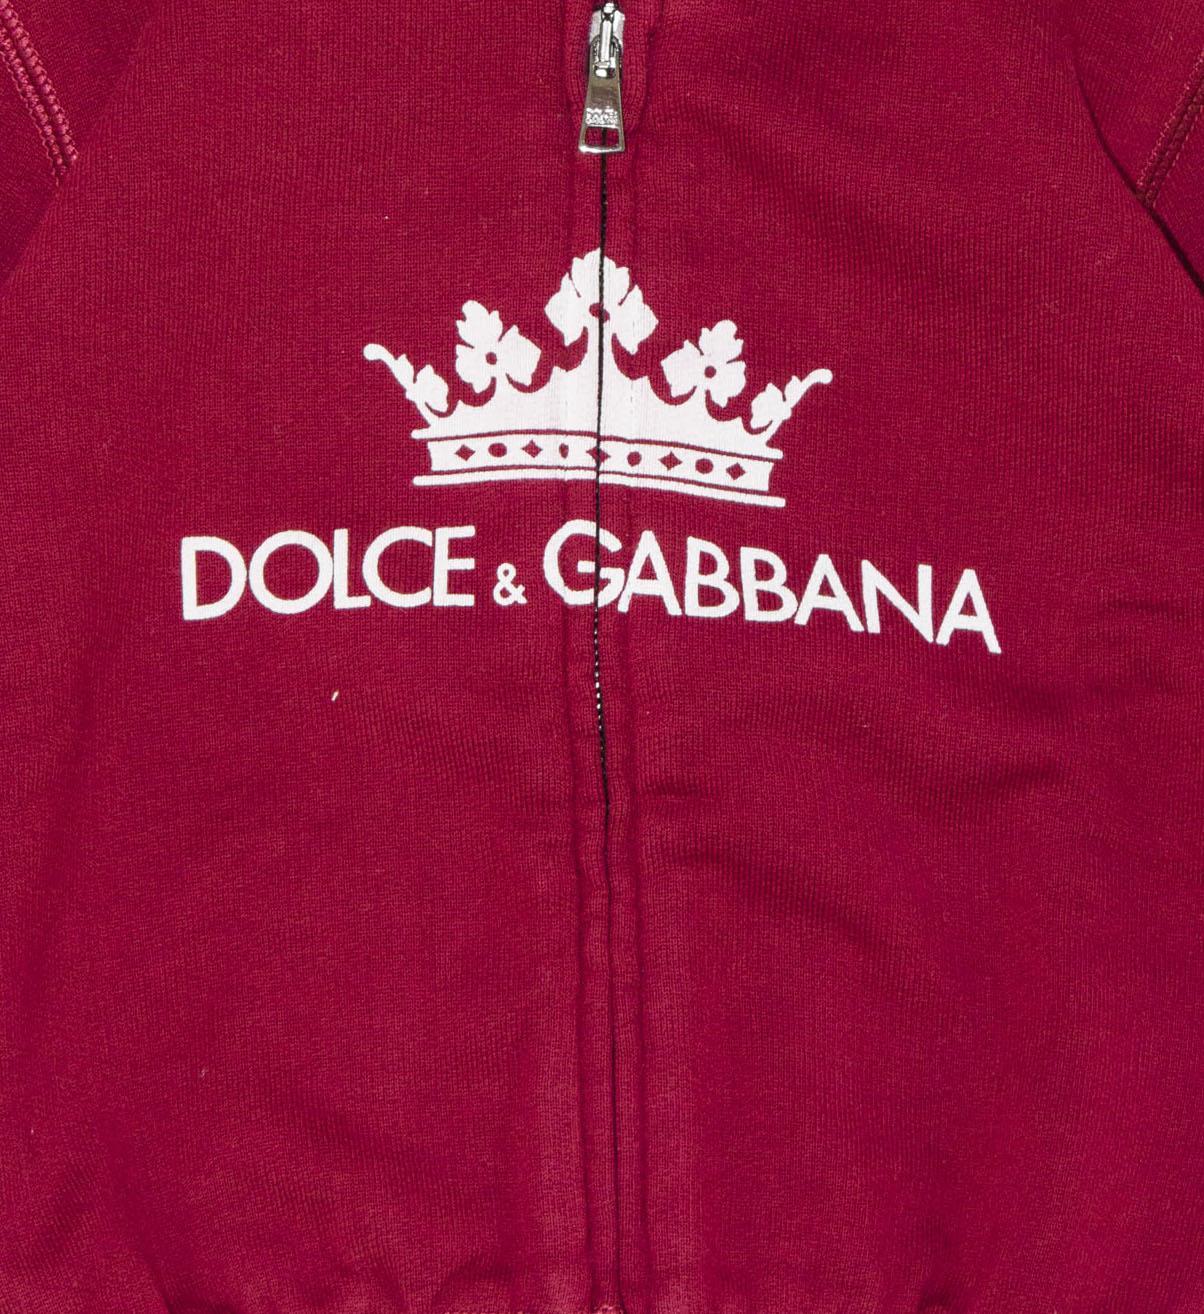 - DOLCE E GABBANA - Mariodannashop 55781e56ea8